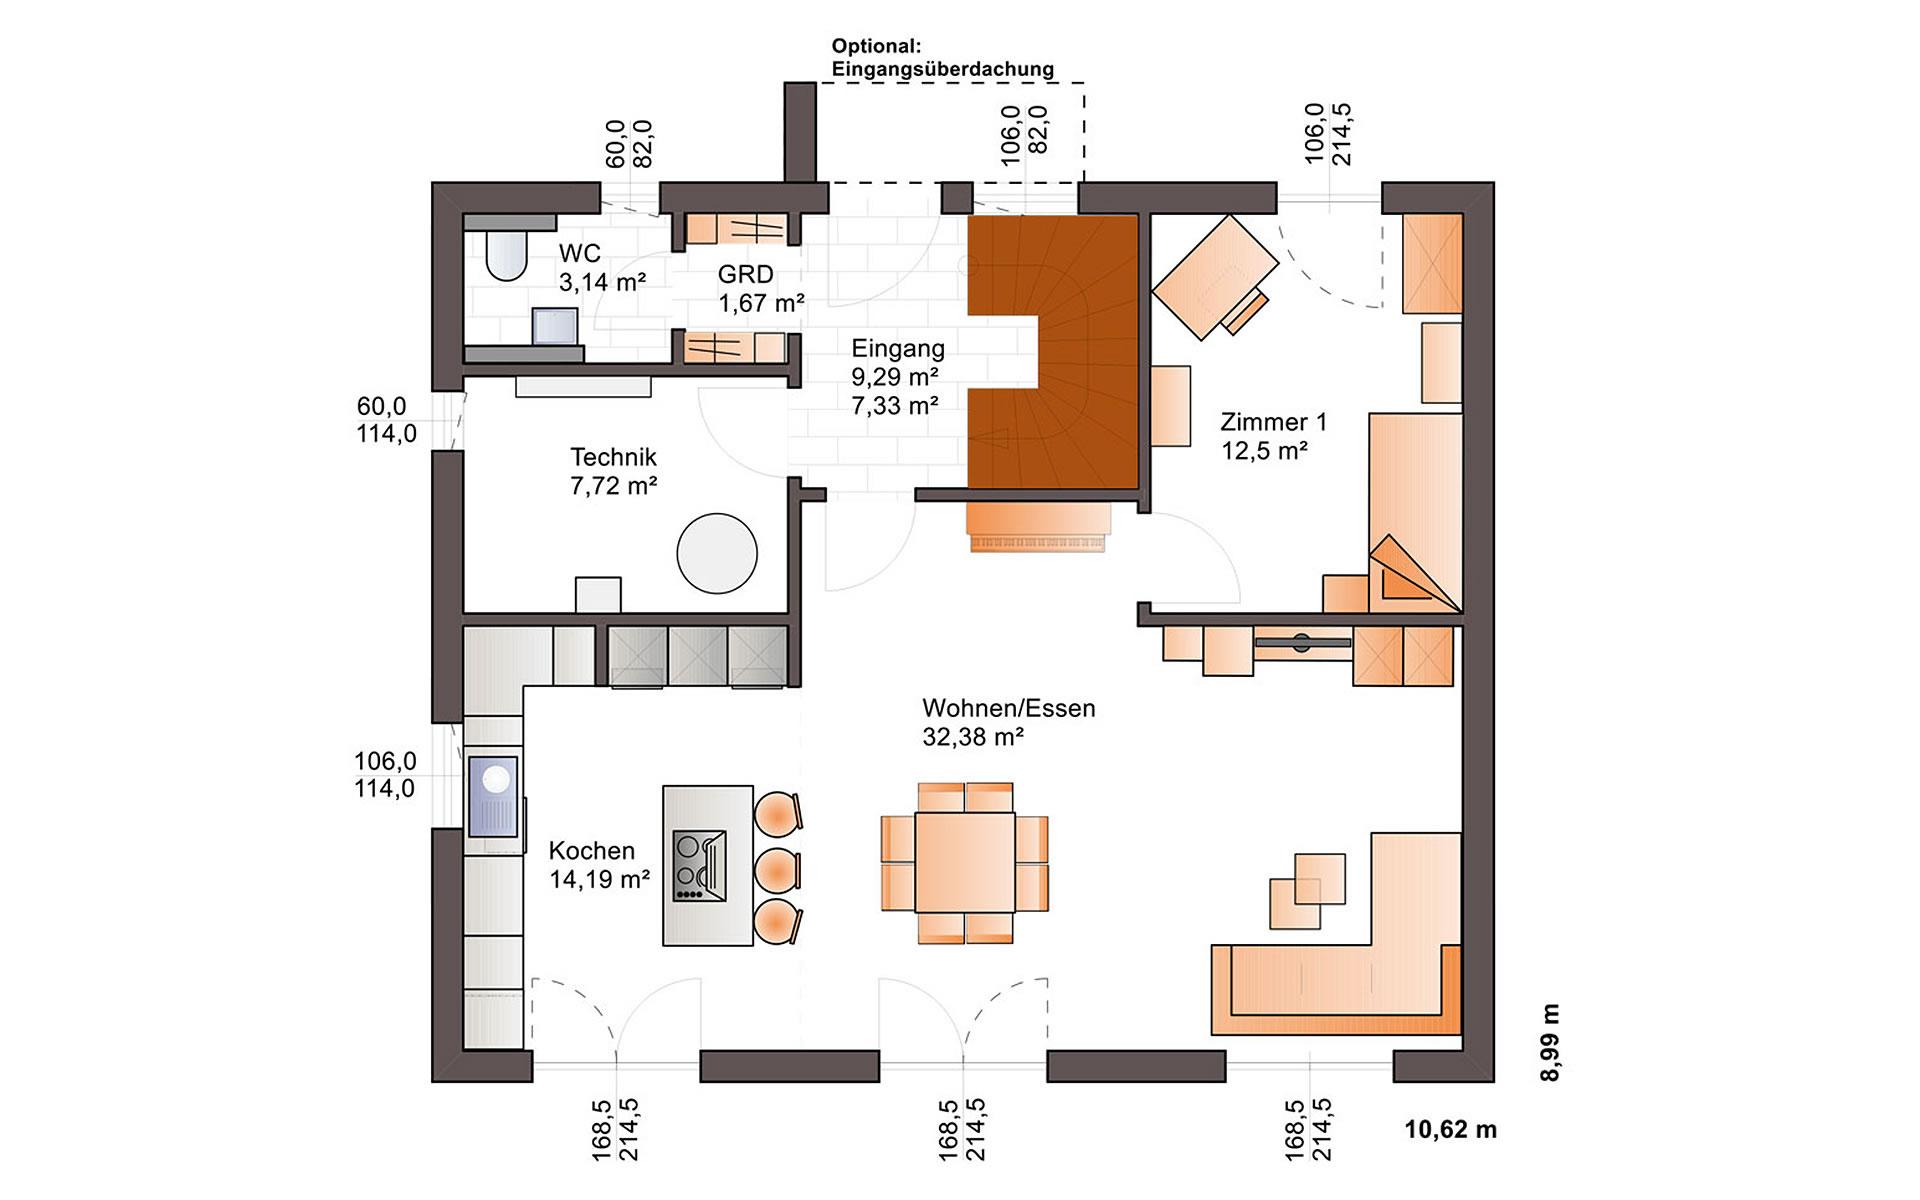 Erdgeschoss Eos 154 von Bärenhaus - das fertige Haus GmbH